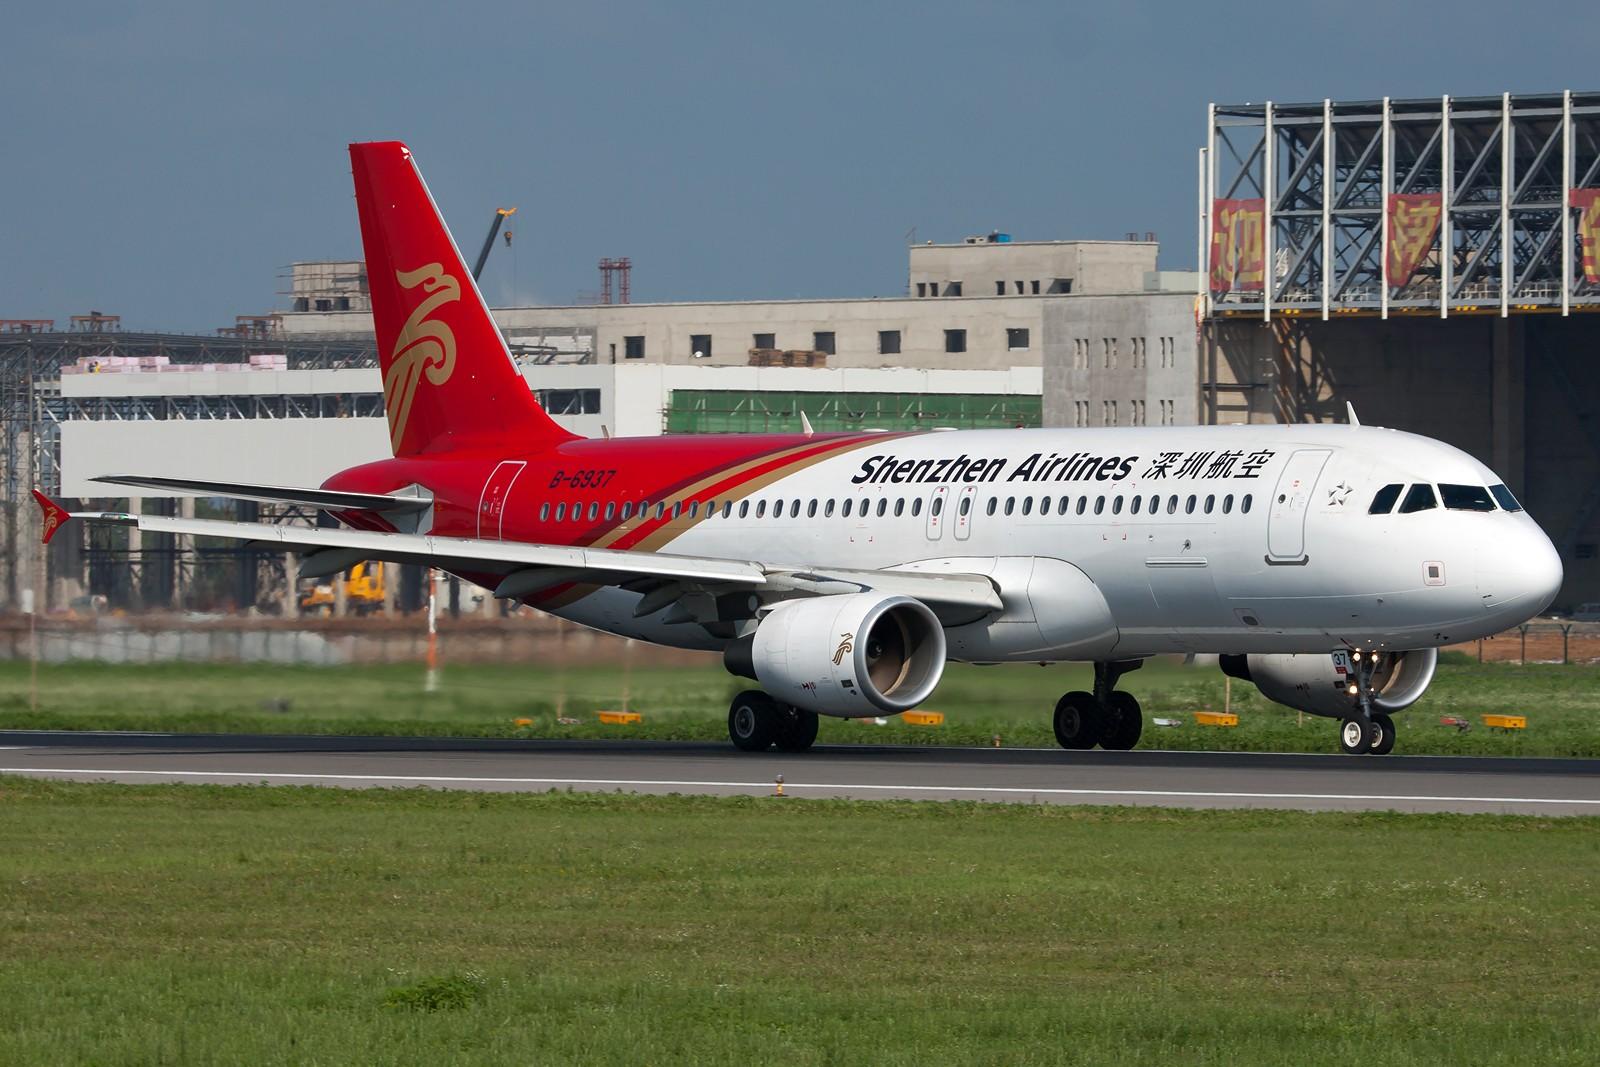 Re:[原创]沈阳桃仙国际机场 24号跑道 深圳航空一组 AIRBUS A320-200 B-6937 中国沈阳桃仙机场